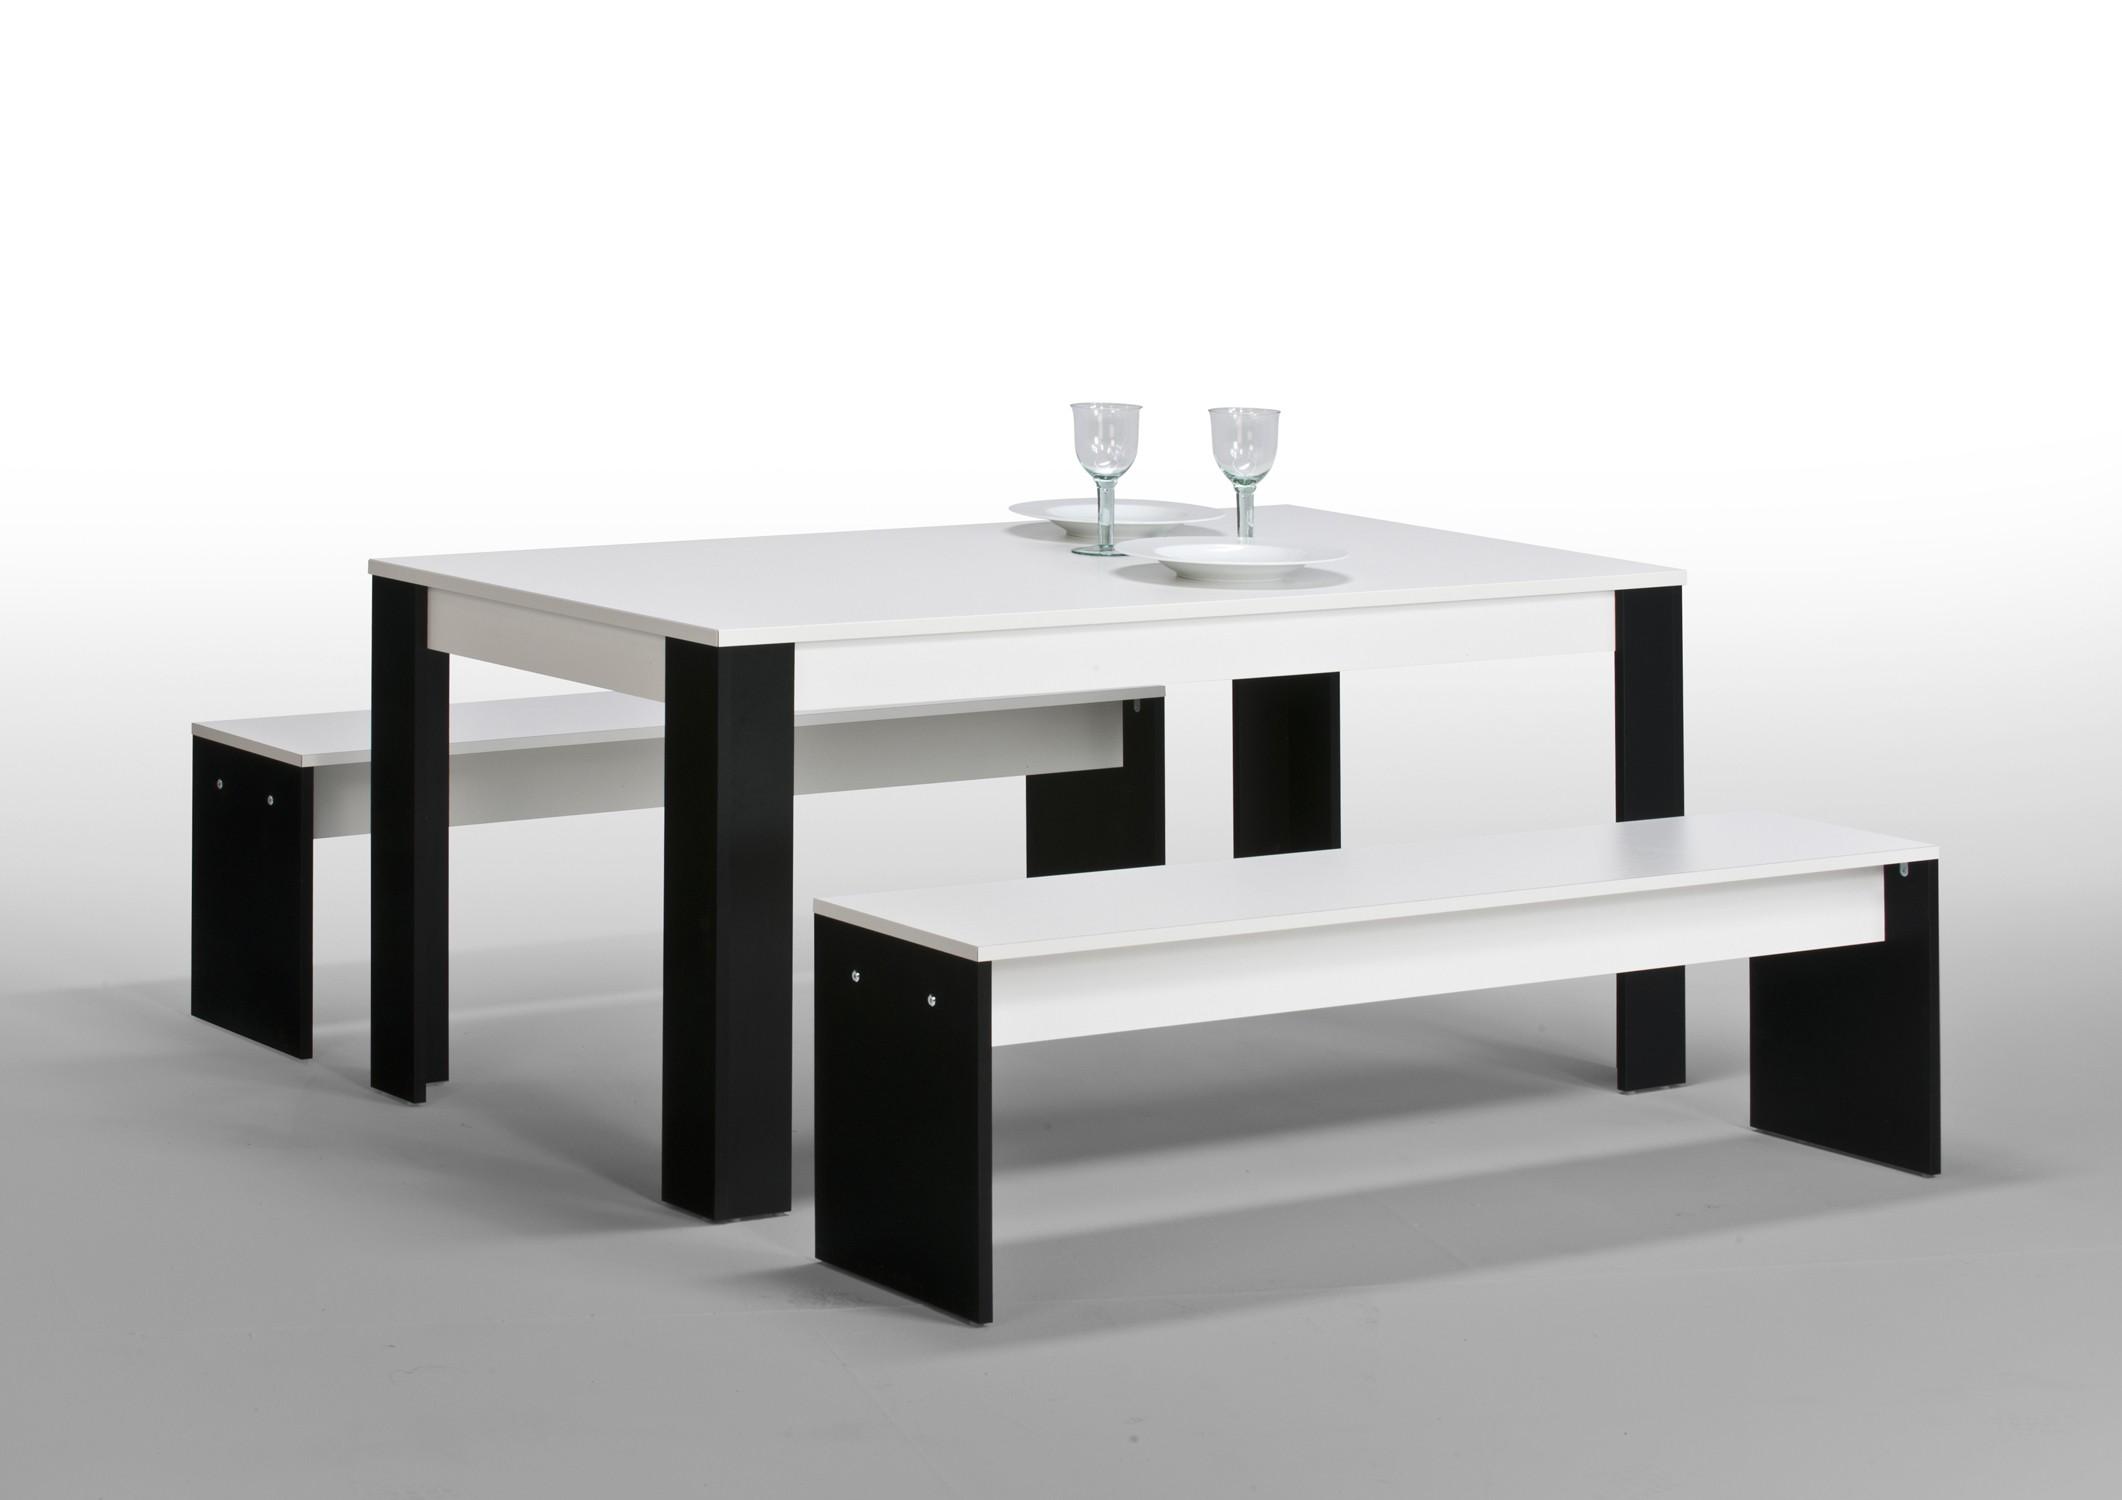 esszimmer set mod ke876 weiss schwarz h c m bel. Black Bedroom Furniture Sets. Home Design Ideas